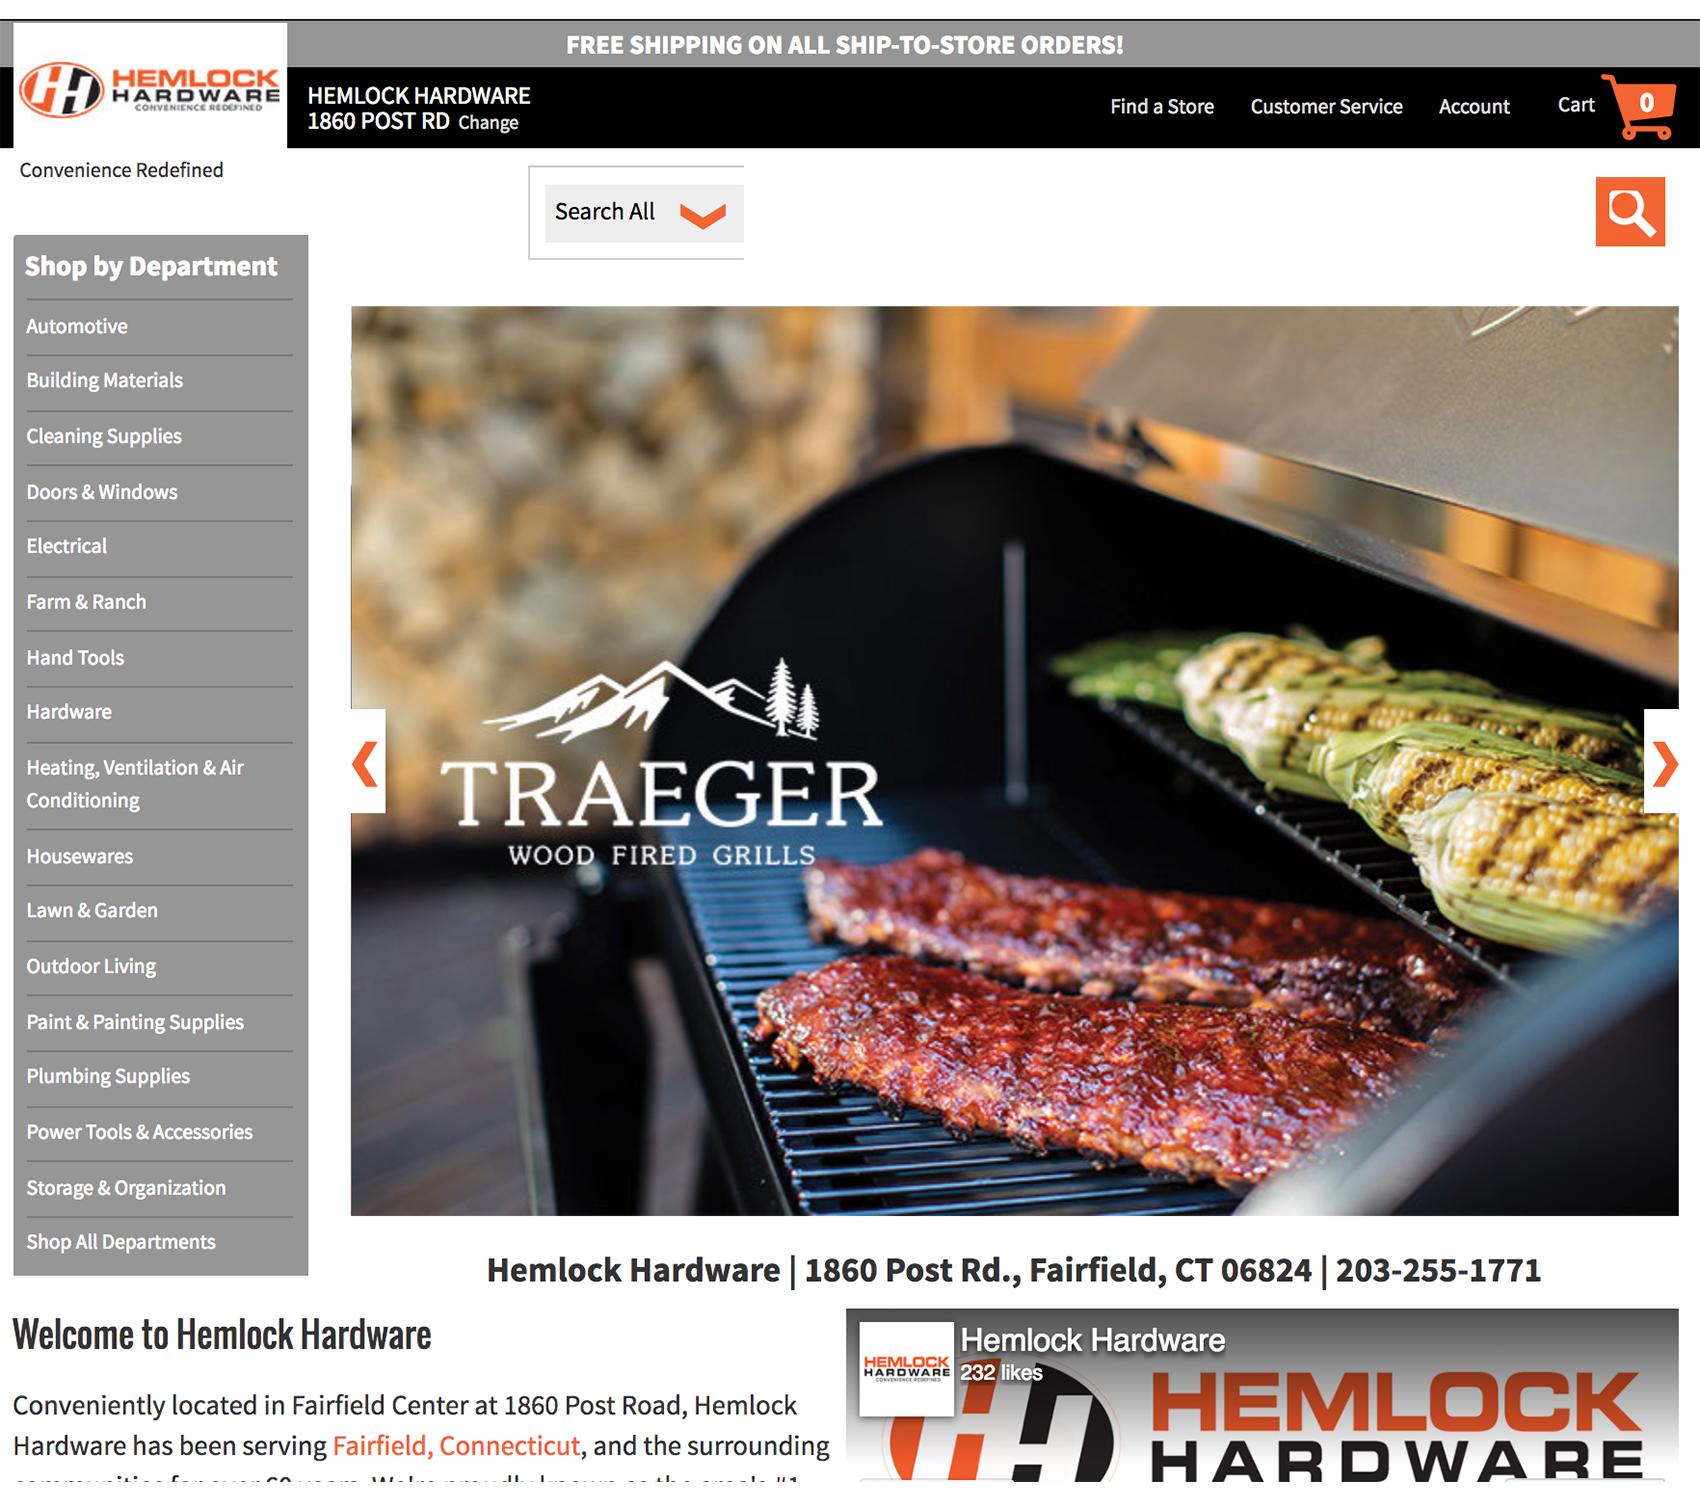 Hemlock-hardware-homepage.png